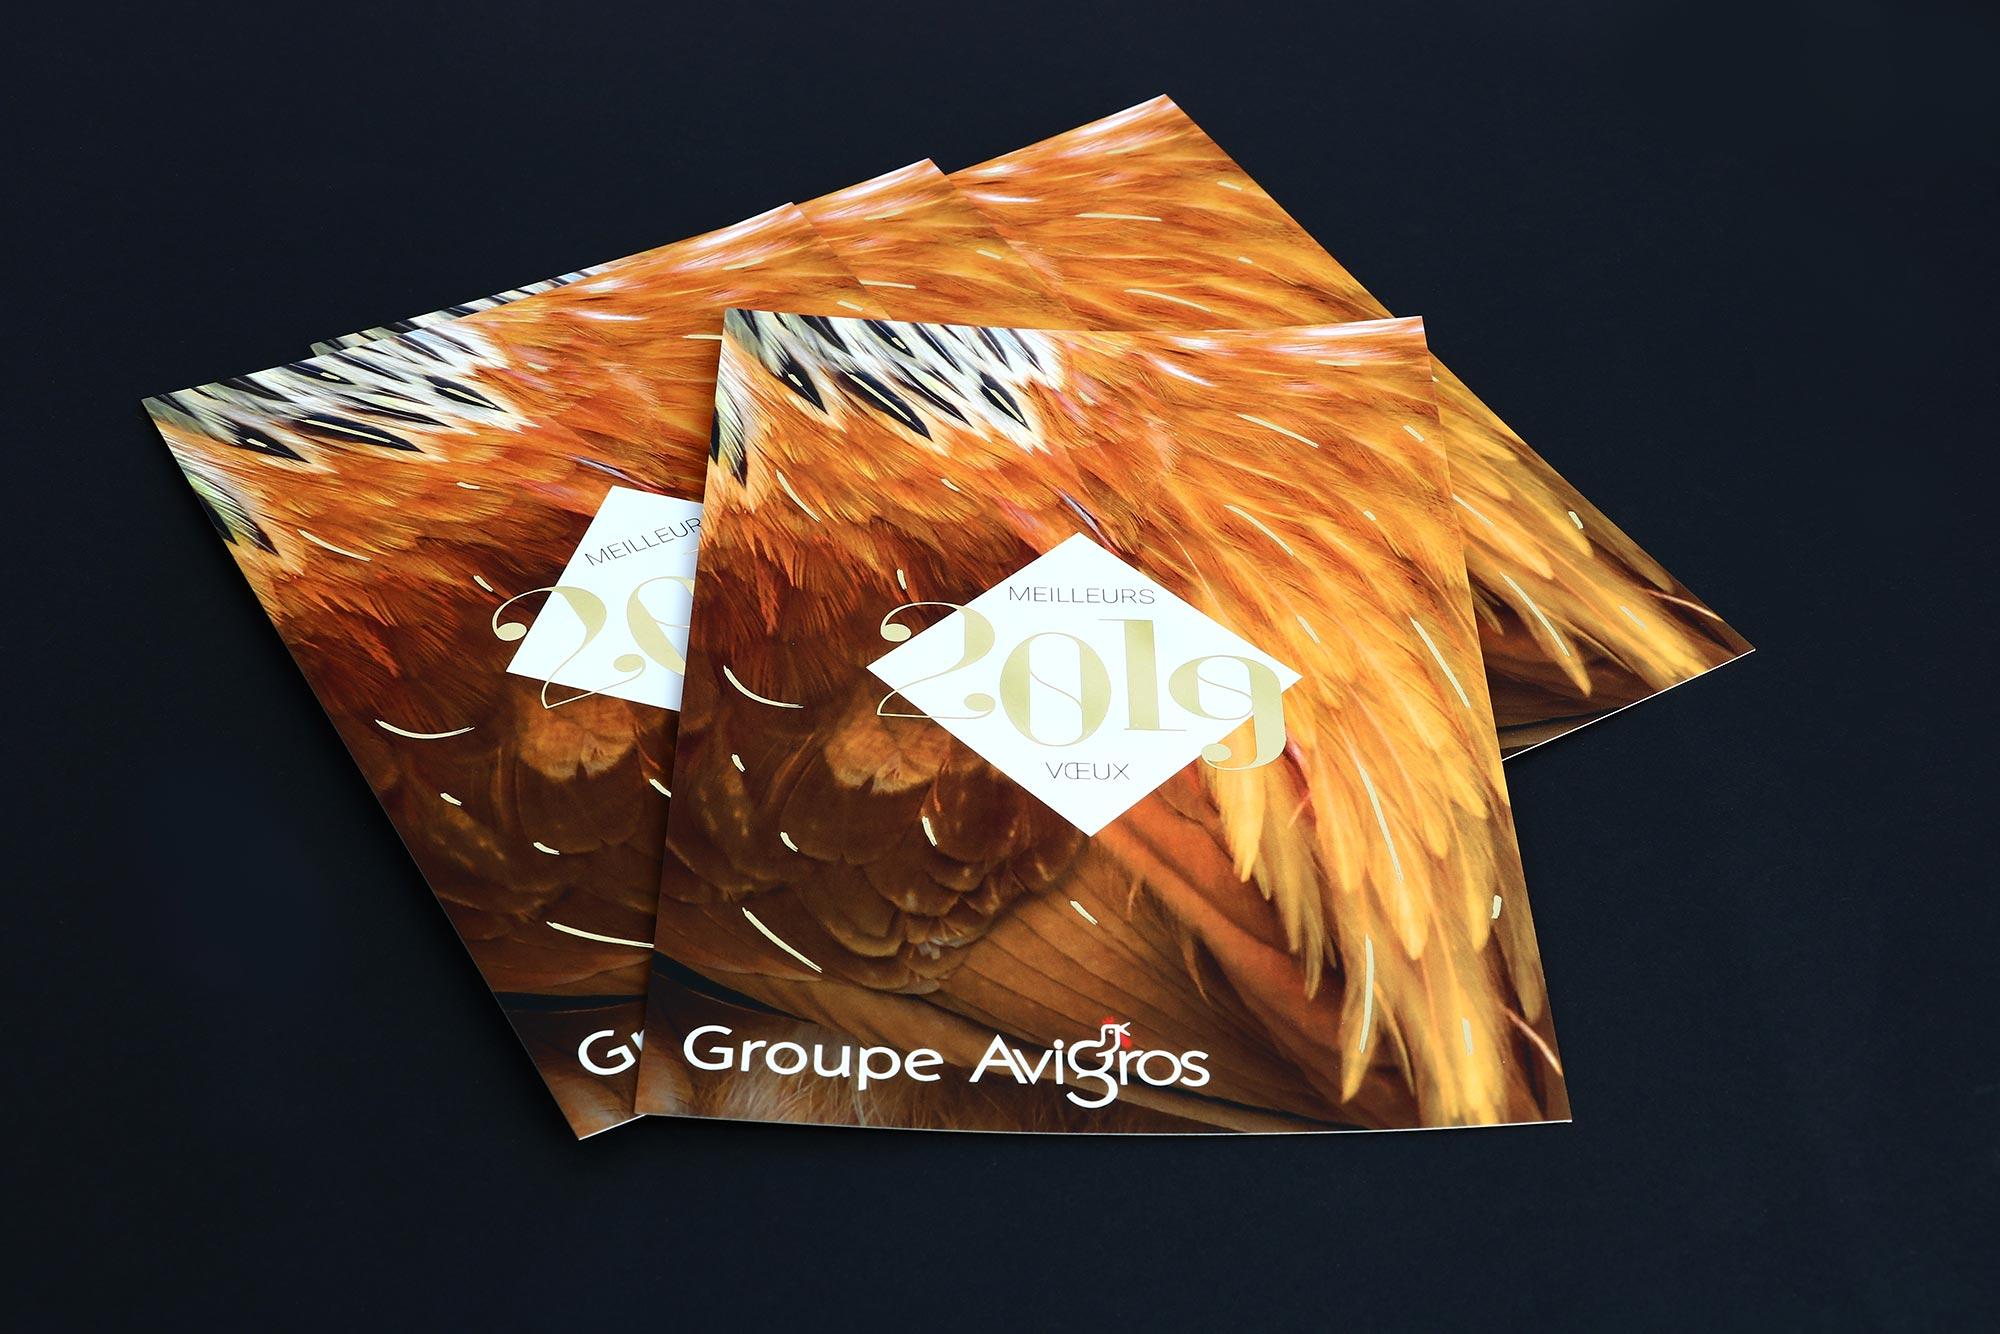 Avigros - Carte de voeux